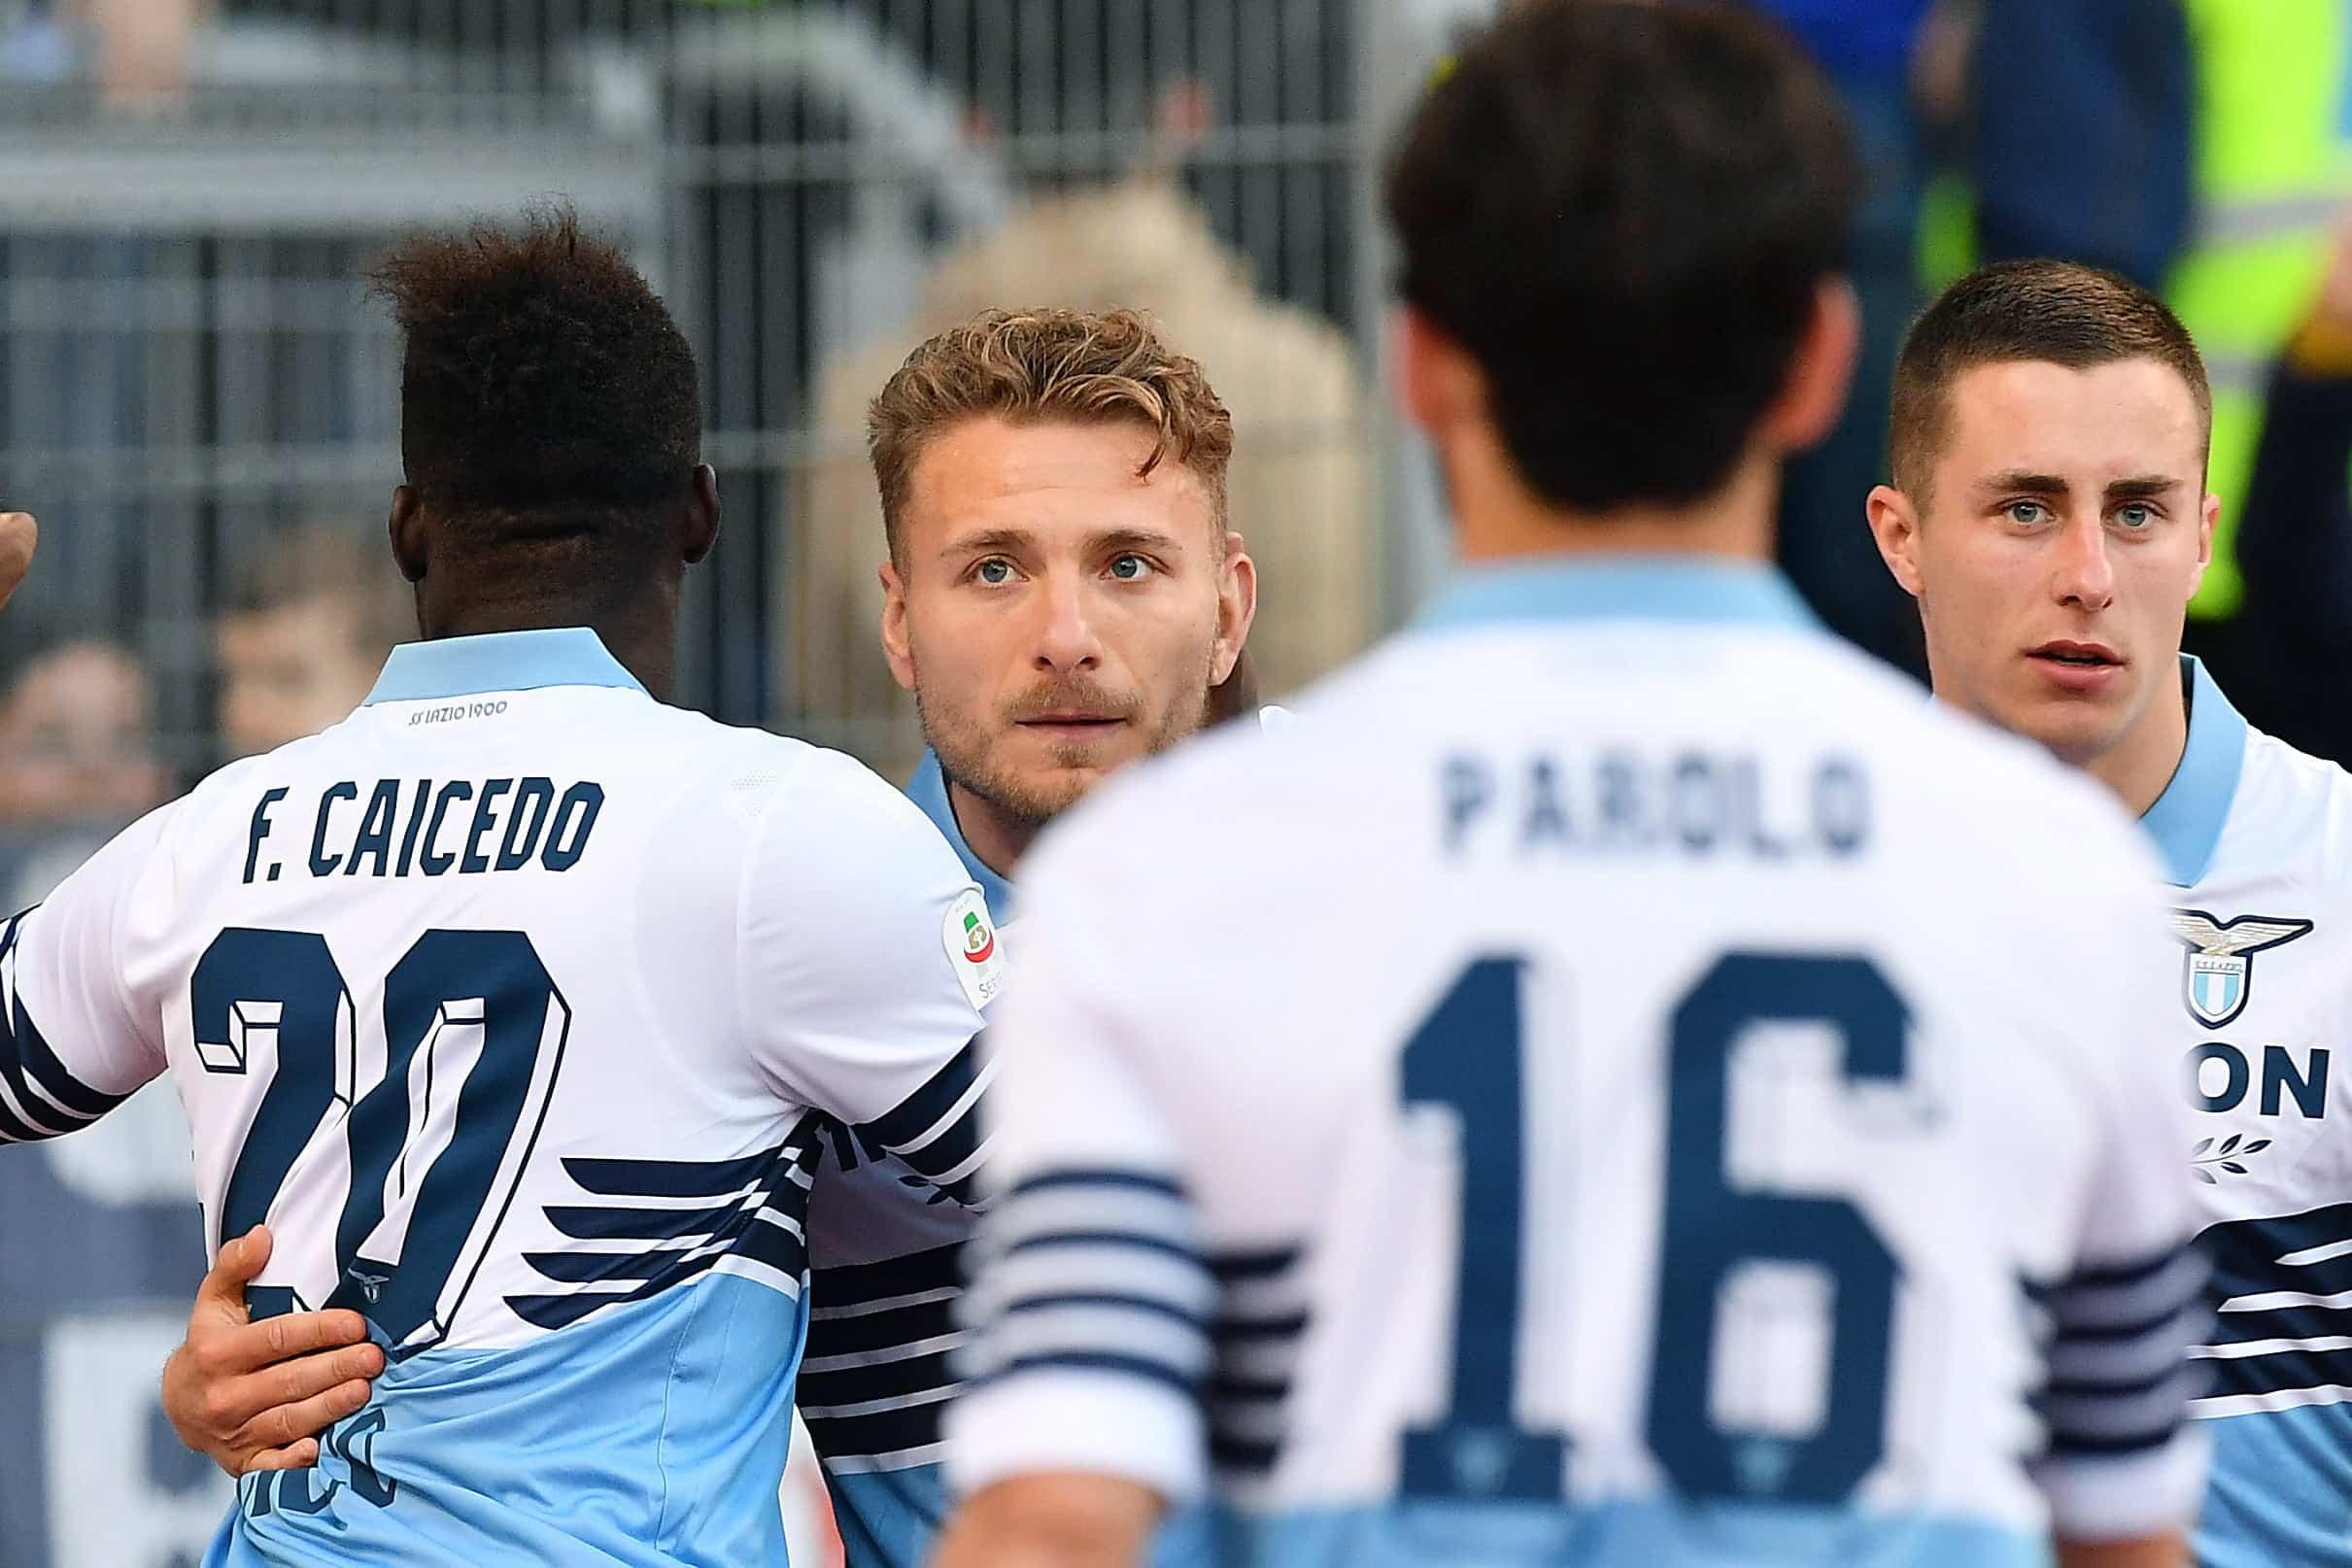 Calendario Roma Europa League 2020.Calendario Lazio Gironi Europa League 2019 2020 Date E Orari